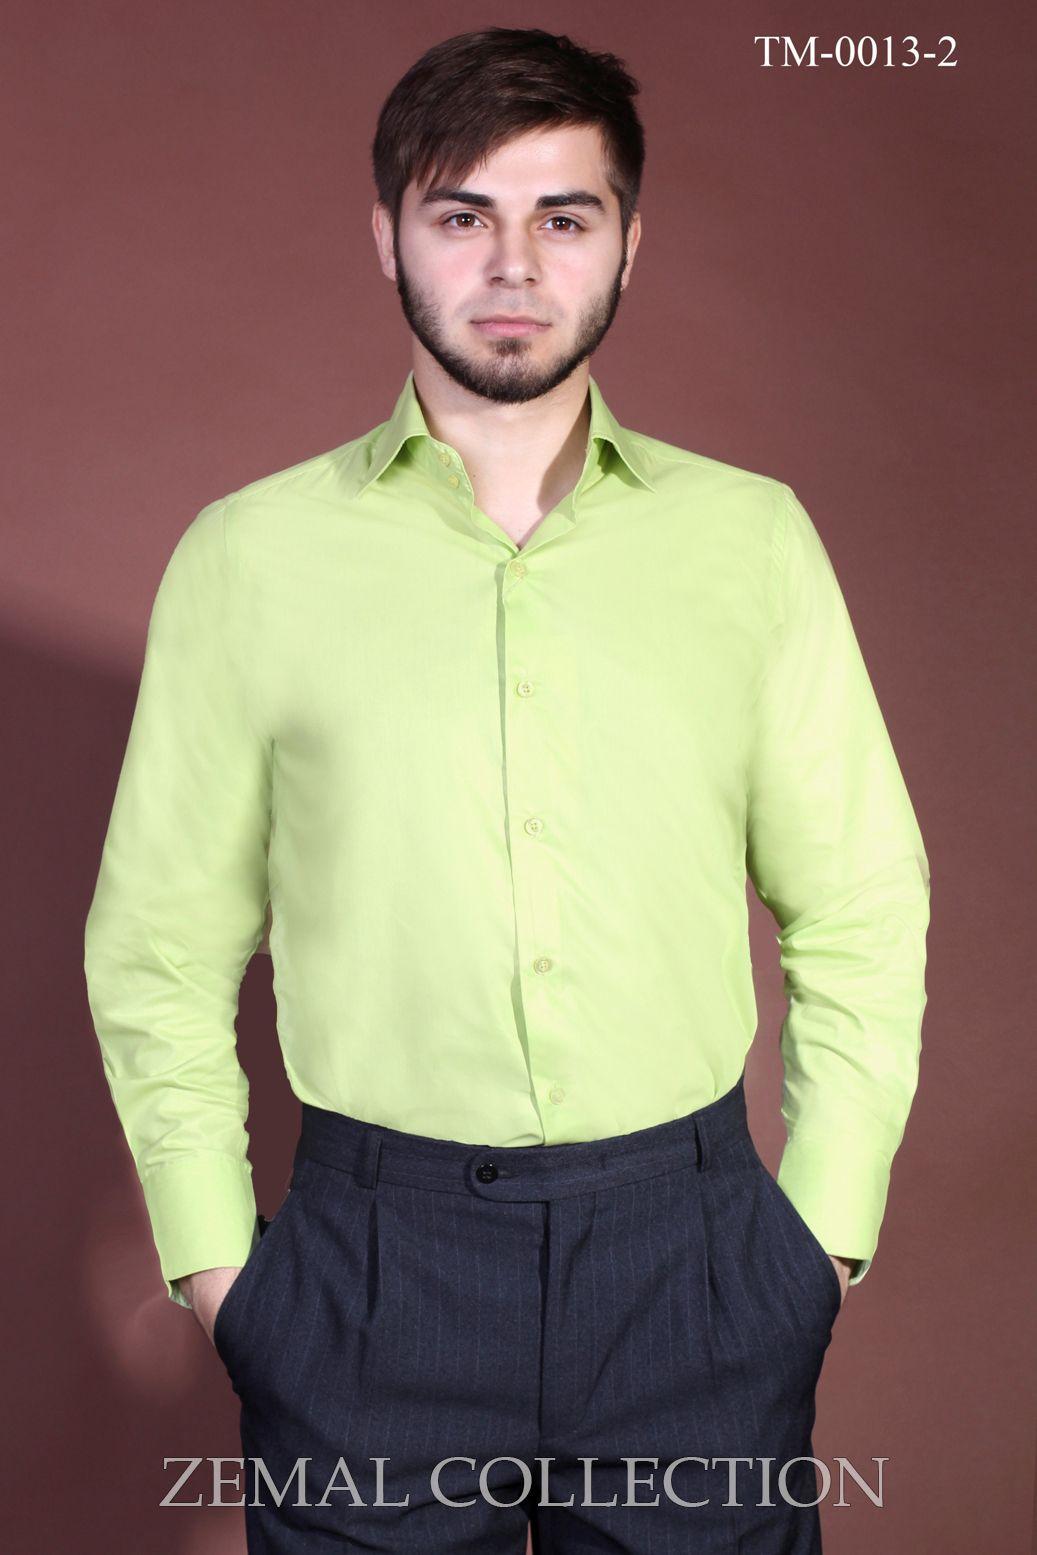 Сорочка tm-0013 купить на сайте производителя